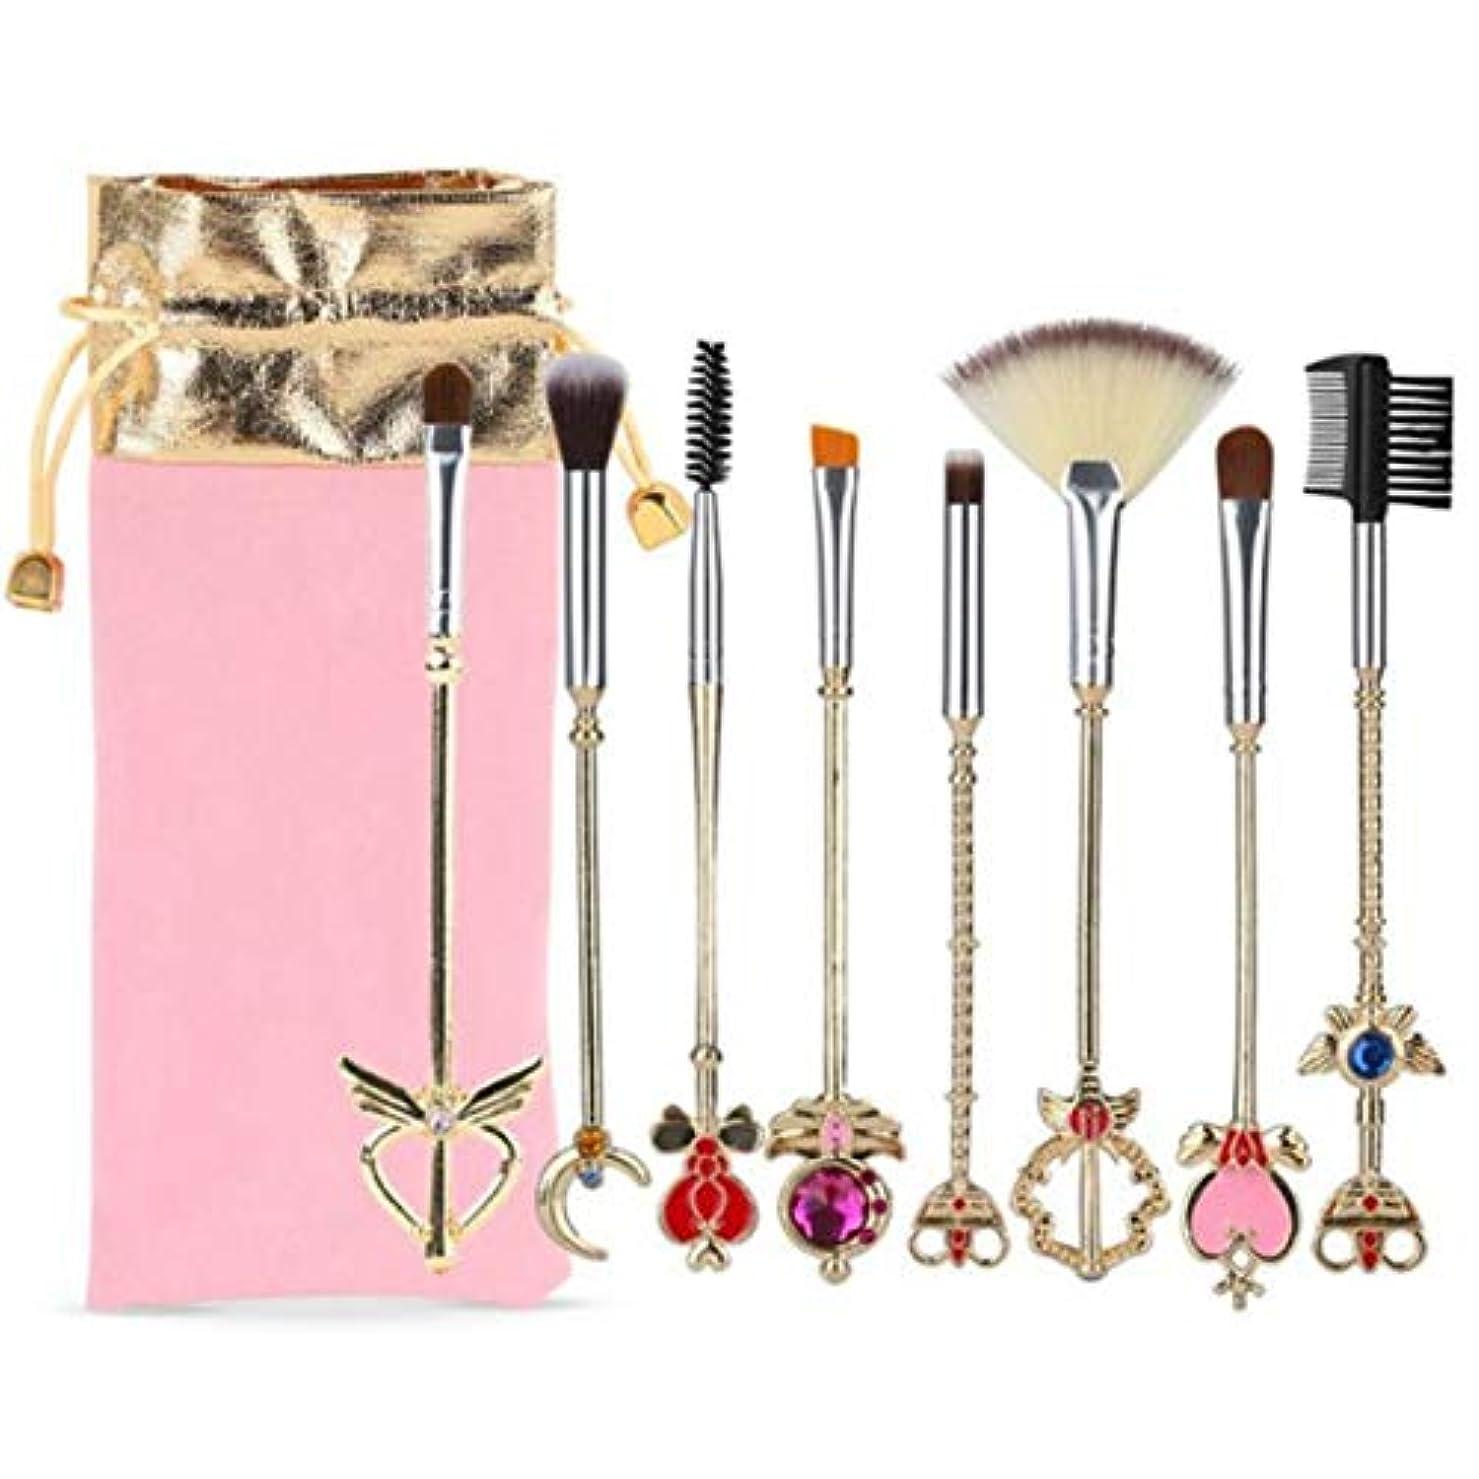 部ケニア腫瘍Yoshilimen 元8 PCセーラームーンメイクアップブラシポーチ、魔法の女の子ゴールドカードターサクラ化粧品ブラシとドローストリングバッグとセット